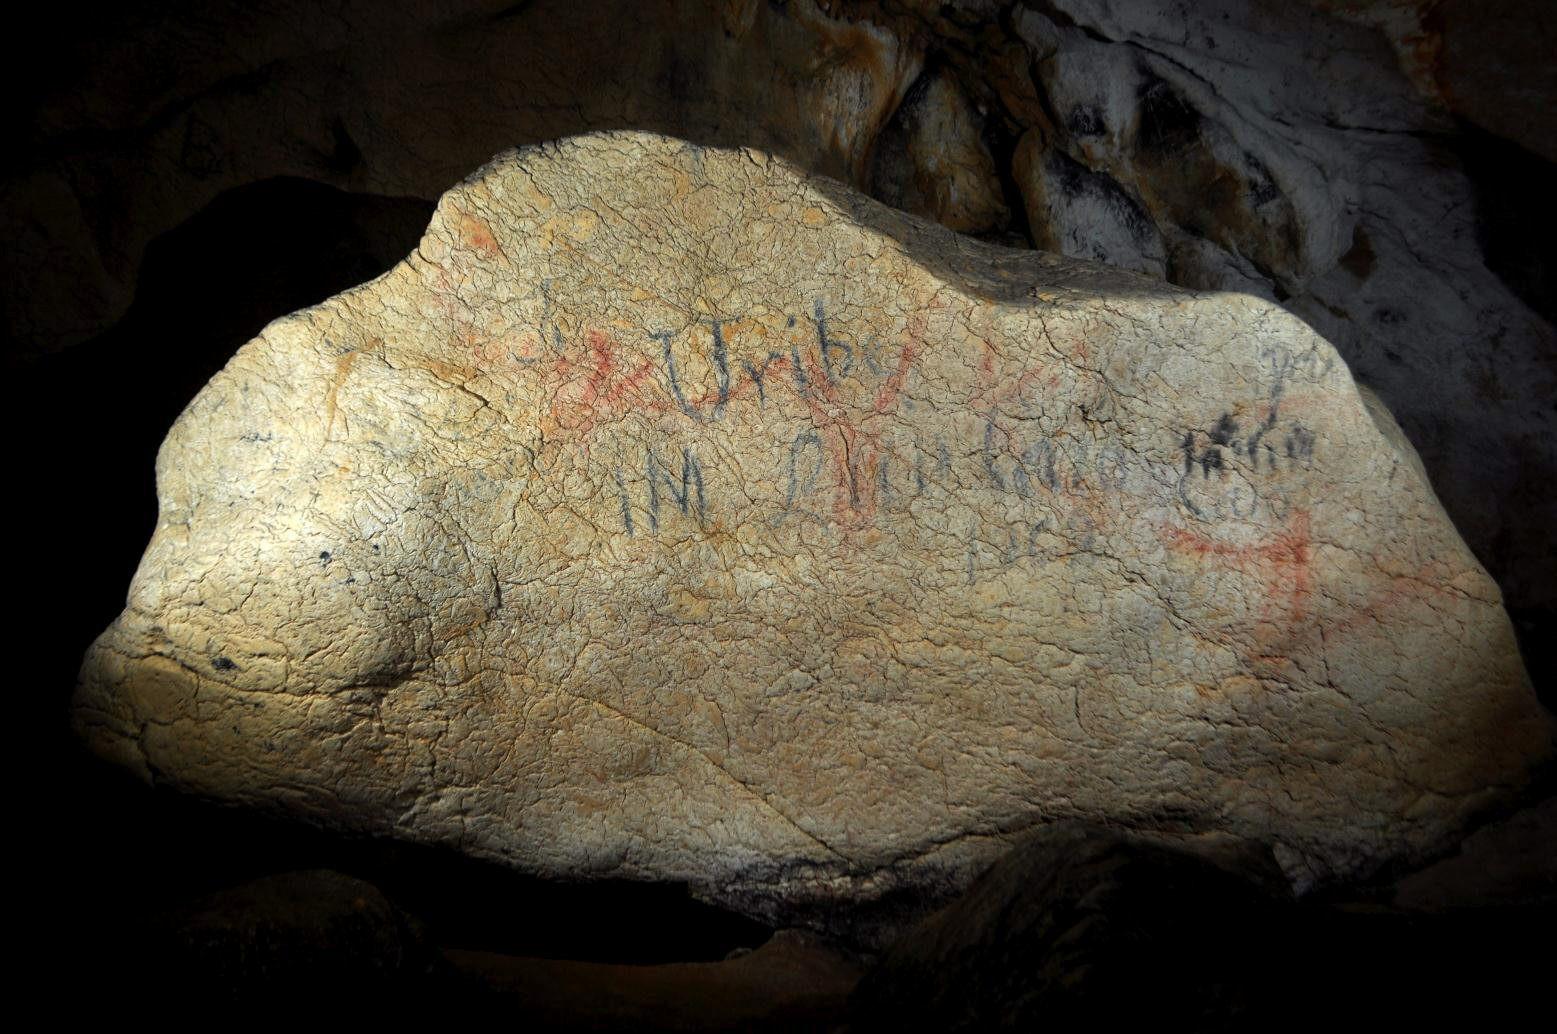 Halladas pinturas rupestres de gran tamaño en una cueva de Lekeitio (Bizkaia)